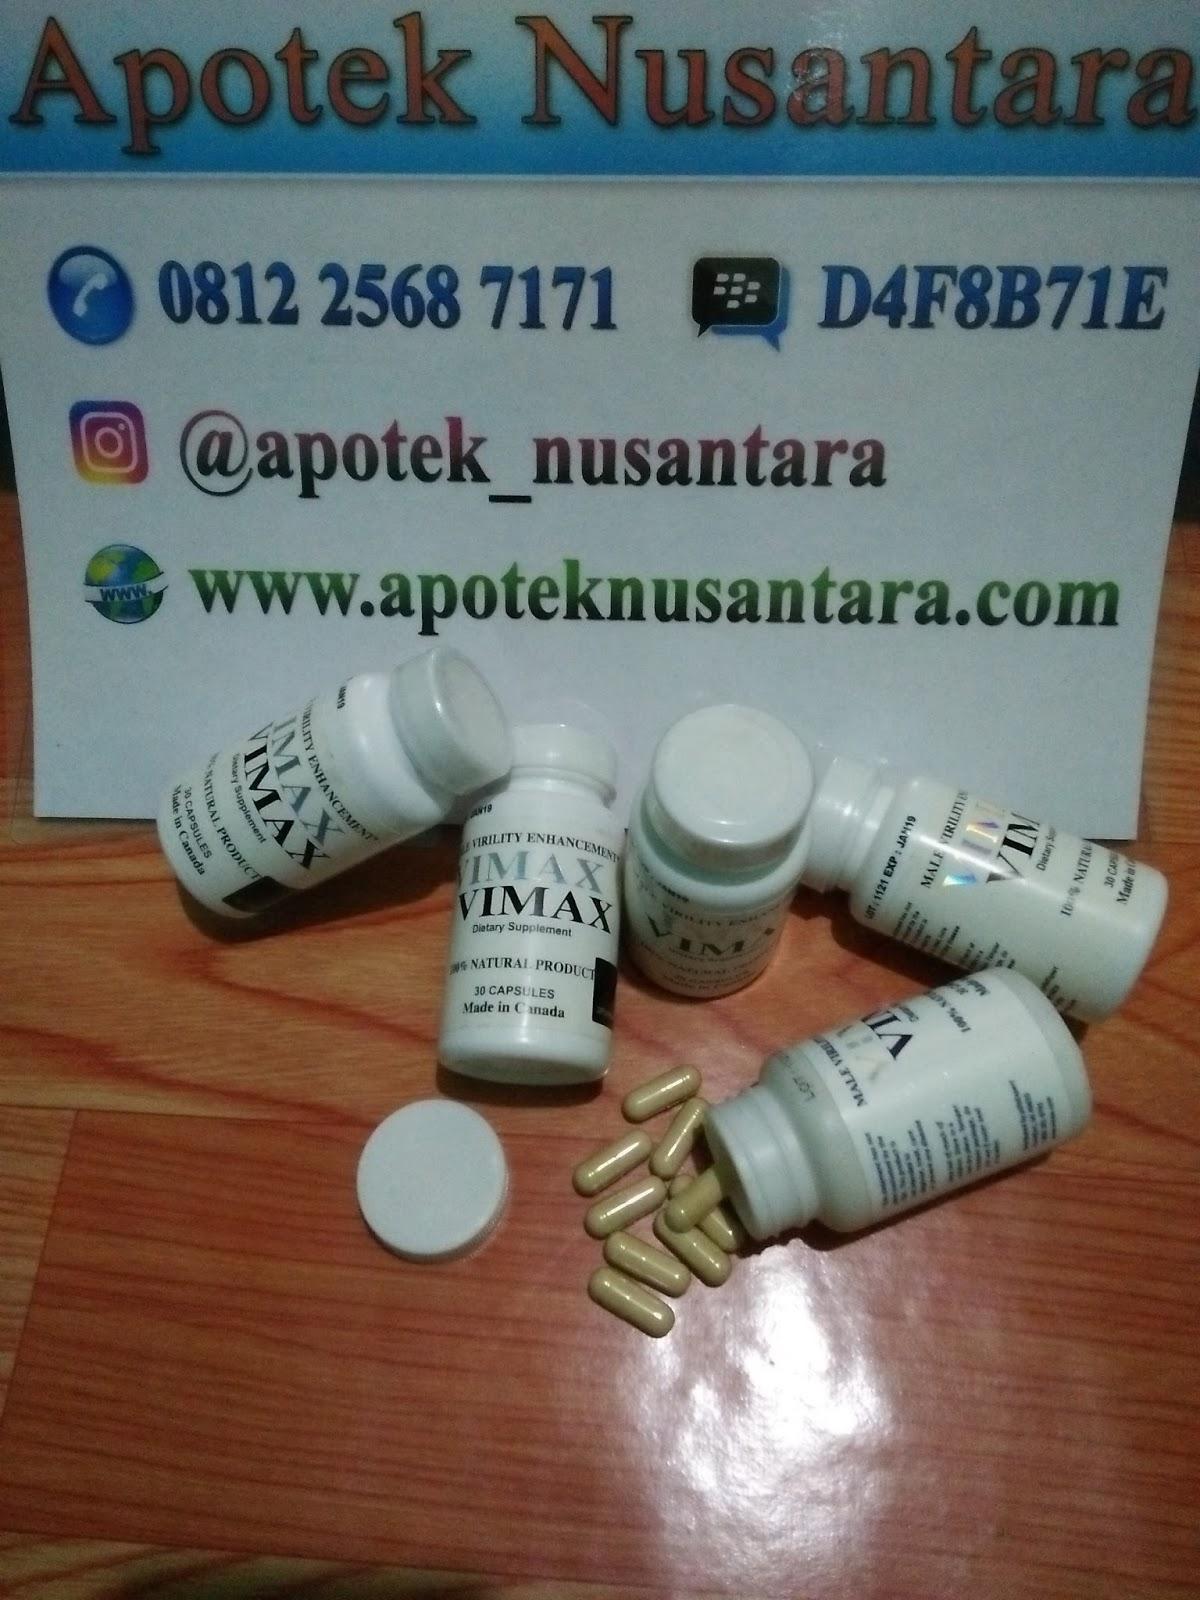 vimax obat pembesar dan pemanjang penis asli 100 apotek nusantara